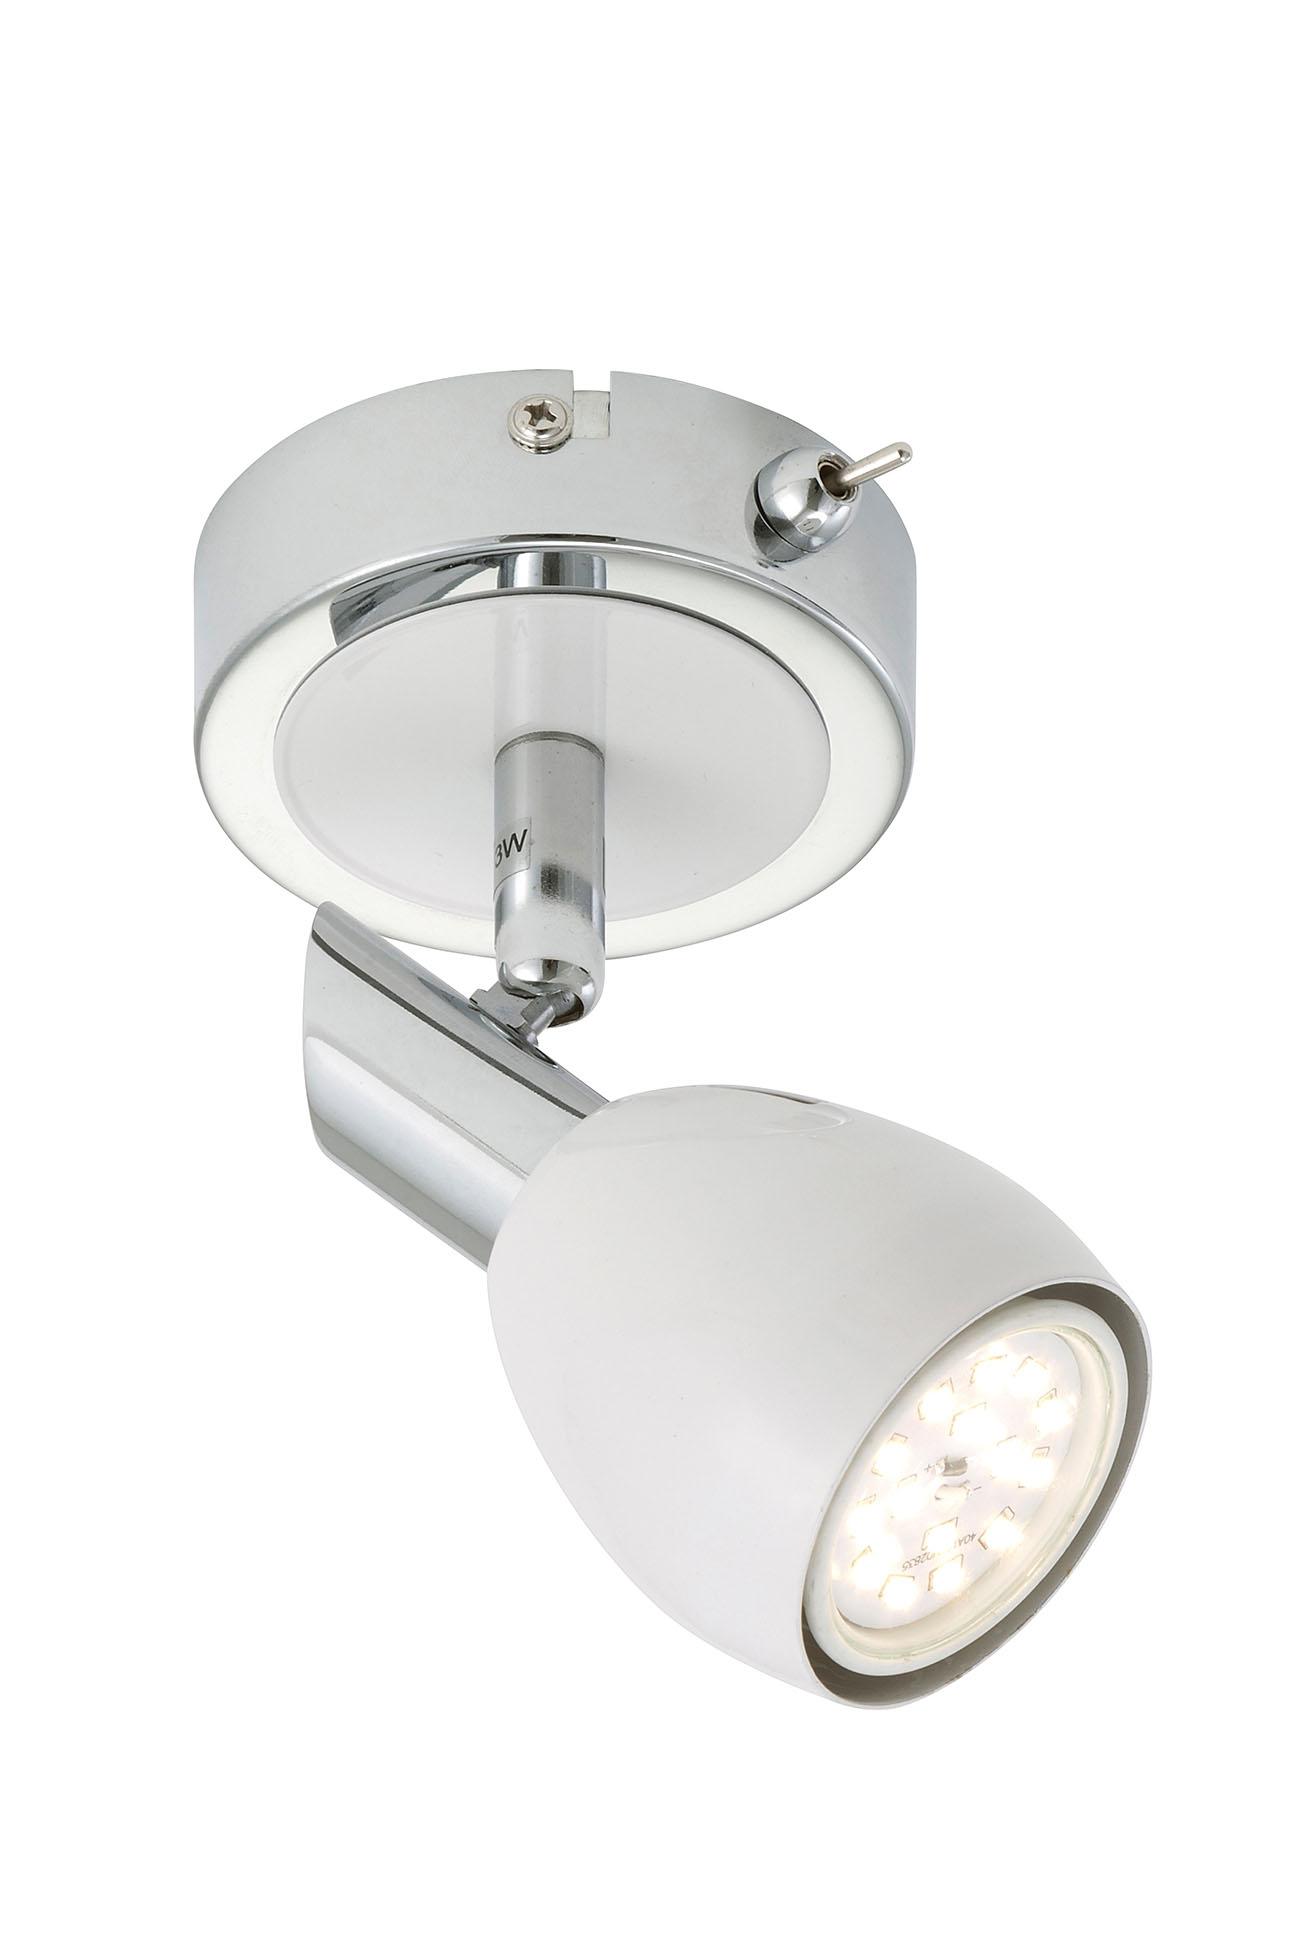 LED Spot Wandleuchte, Ø 8,5 cm, 5 W, Chrom-Weiß